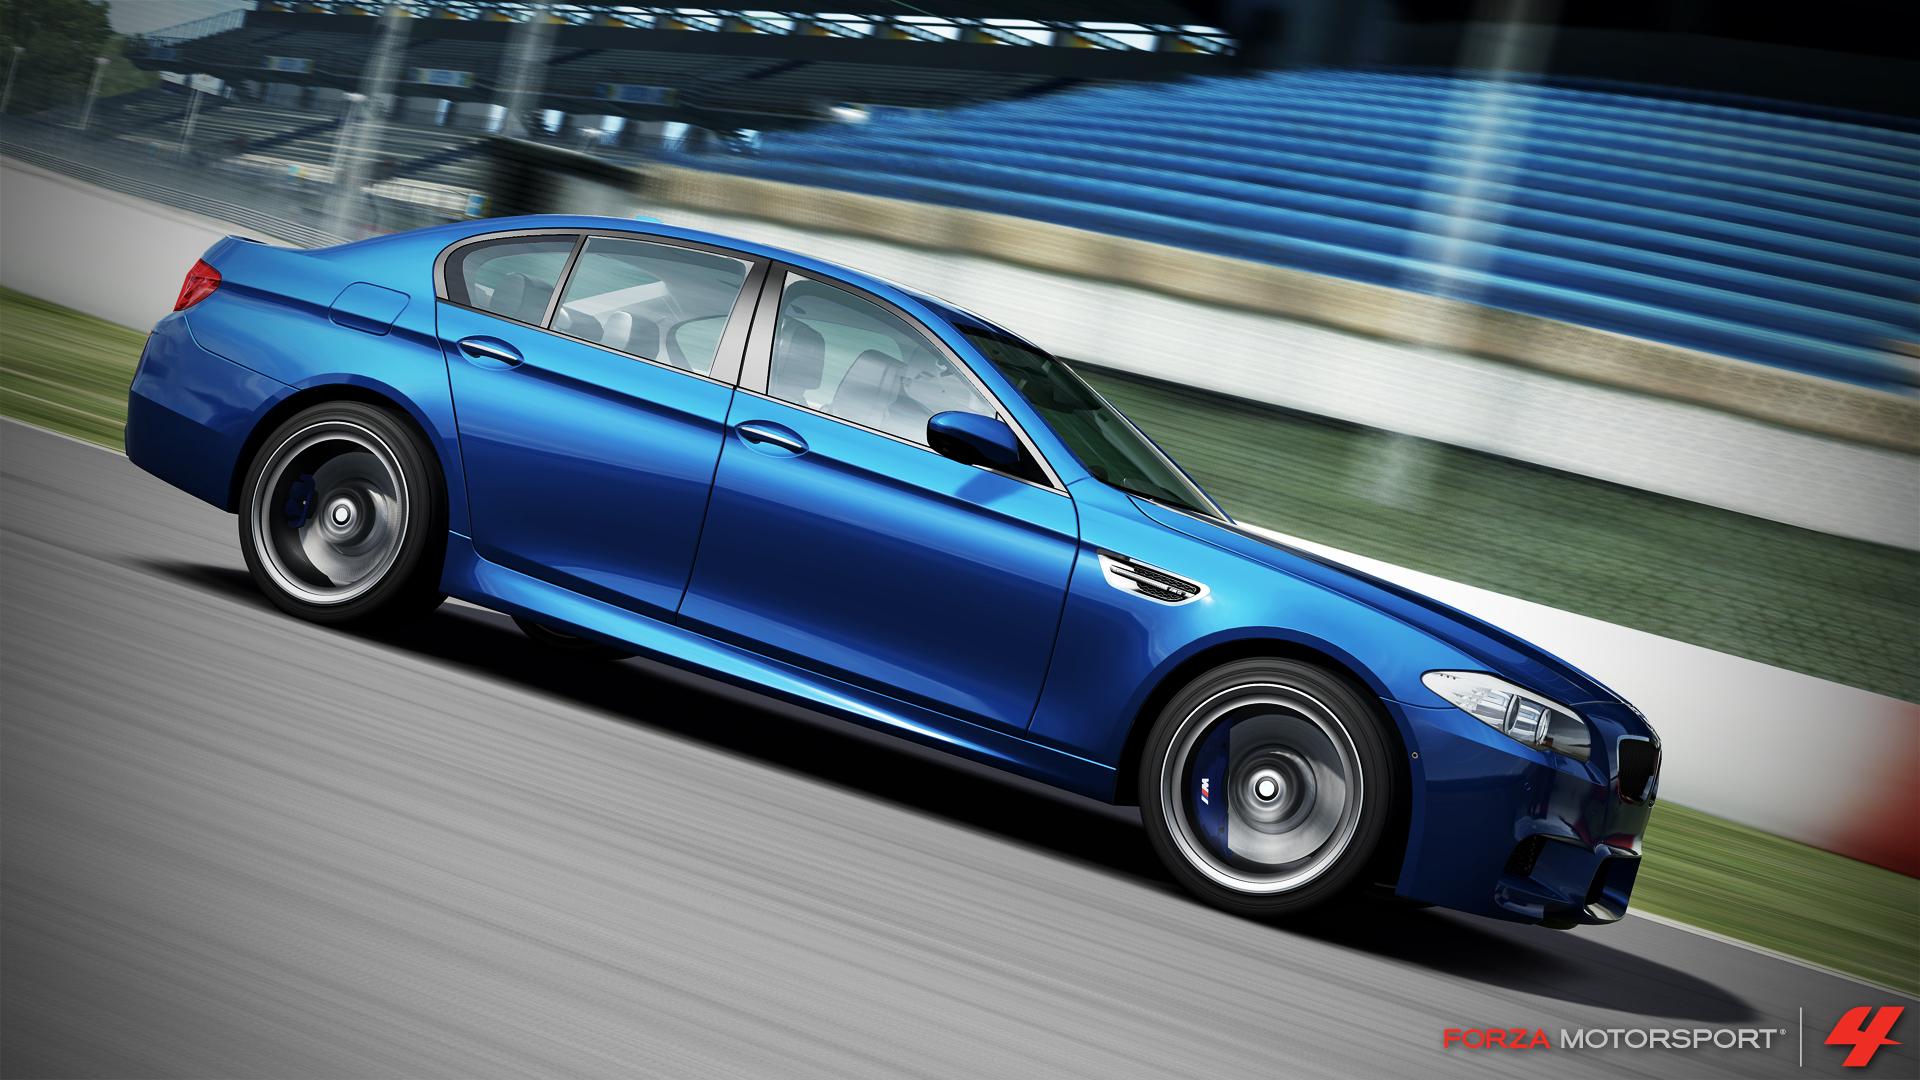 Forza FOURza FM4_2012_BMW_M5_F1_4